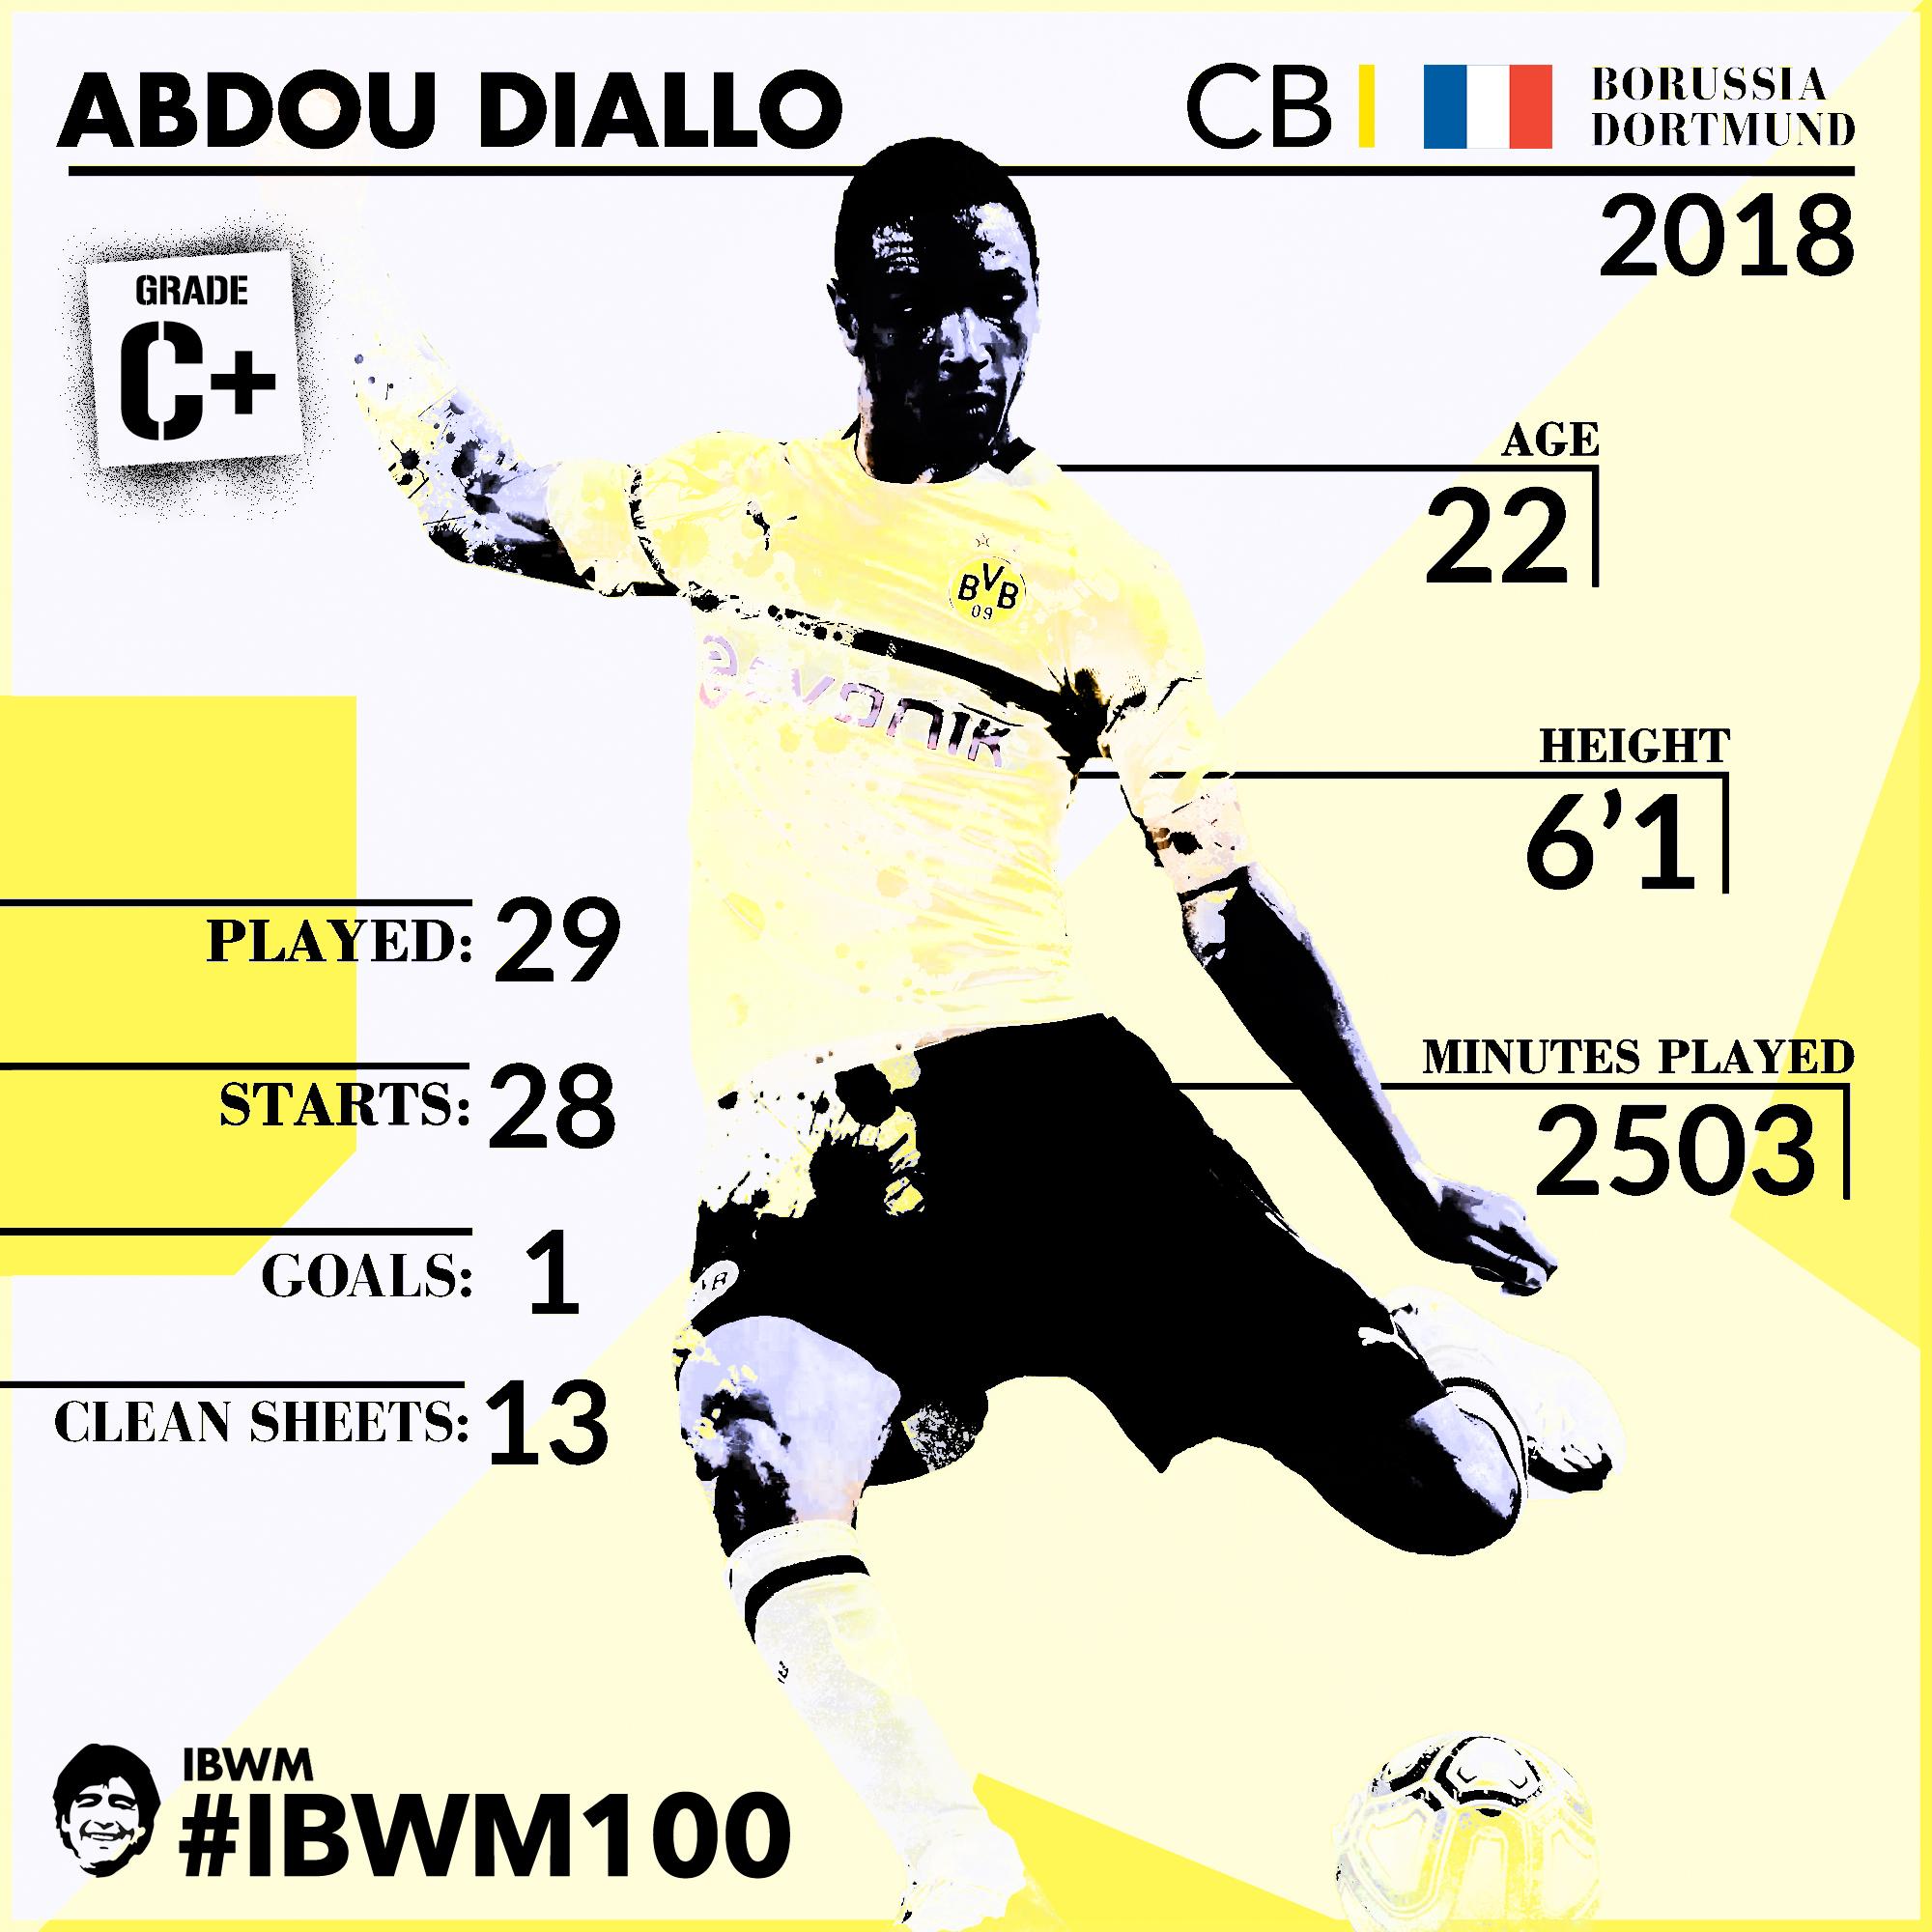 IBWM - Abdou Diallo.jpg